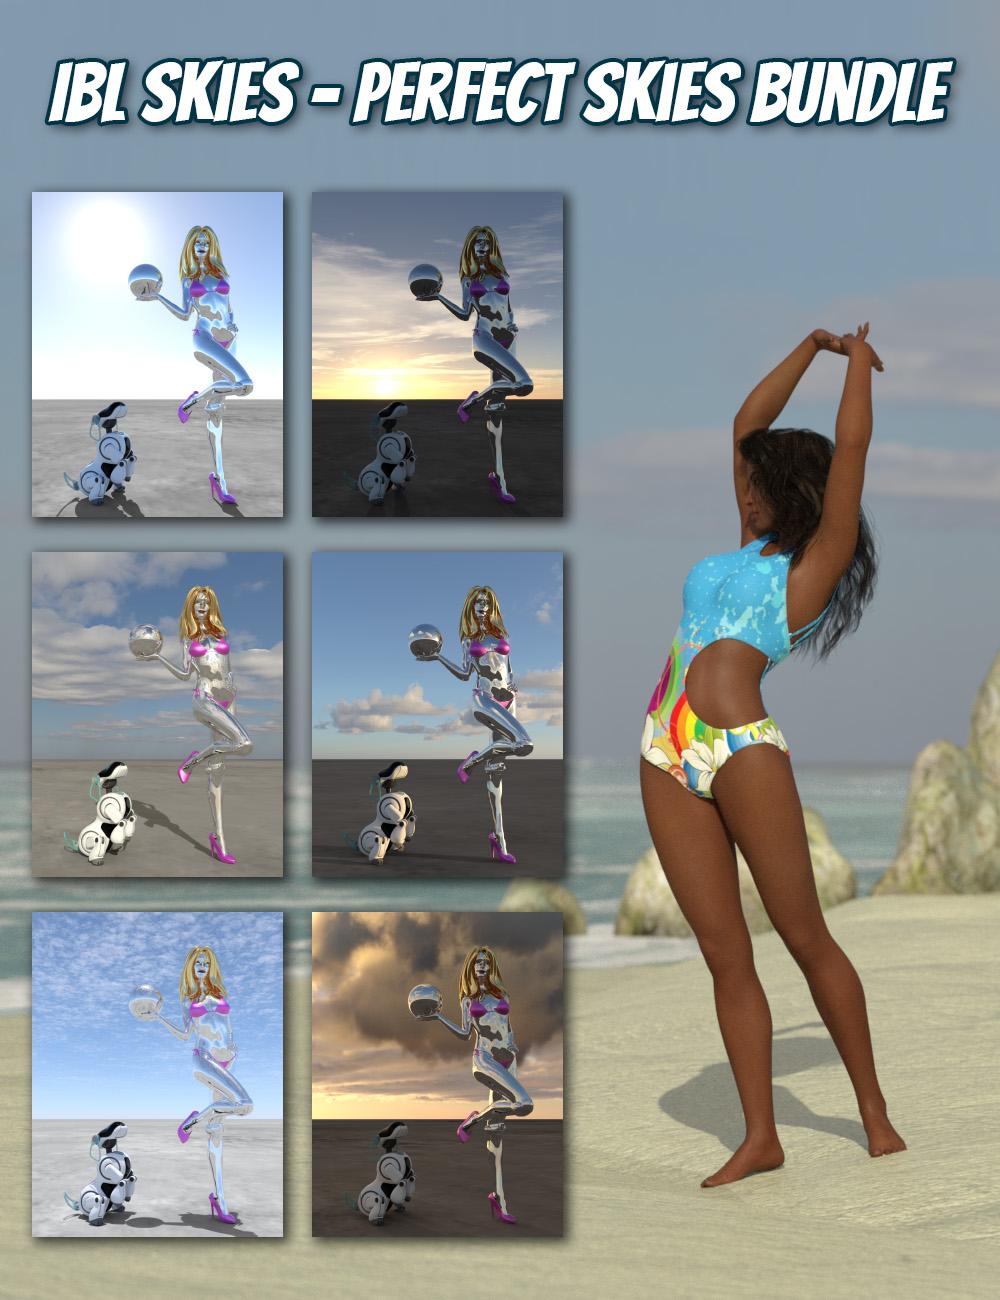 IBL Skies - Perfect Skies Bundle by: Denki Gaka, 3D Models by Daz 3D